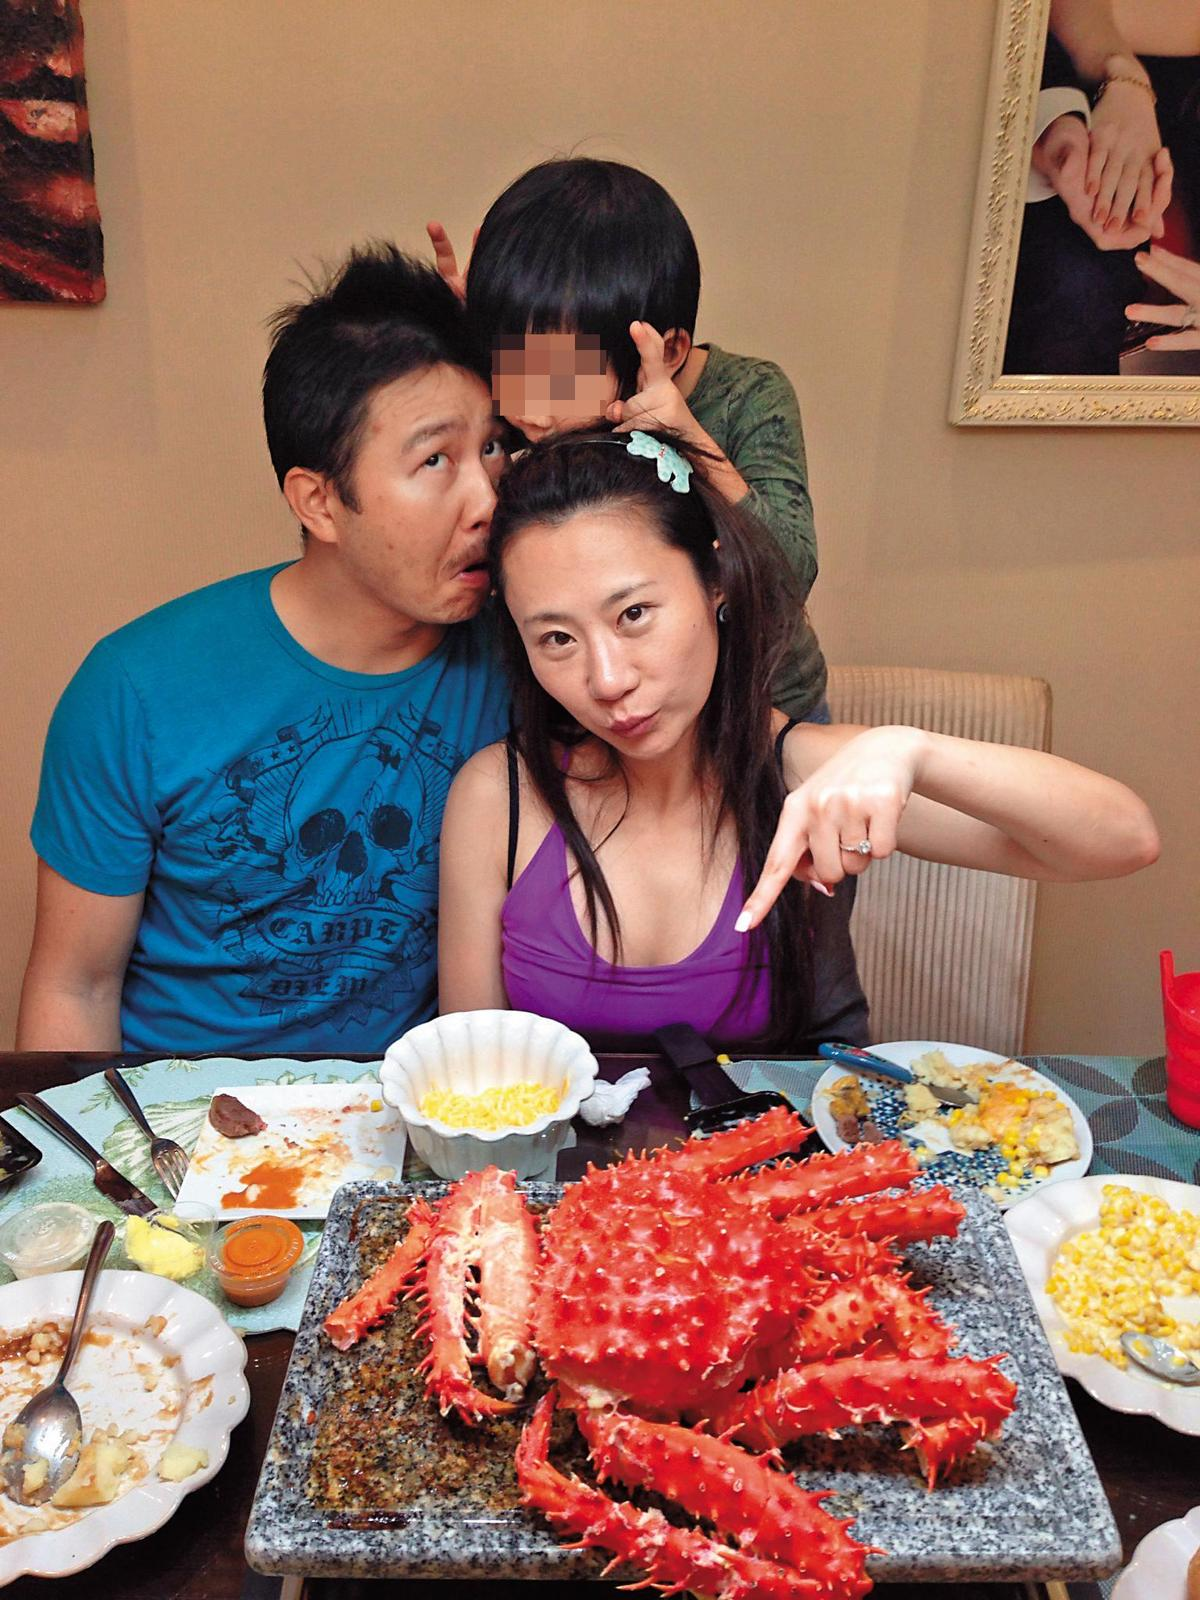 安晨妤曾在發片受訪時,形容一家多麼天倫,豪宅內最多的就是闔家歡樂的照片。(翻攝自張紹緯臉書)